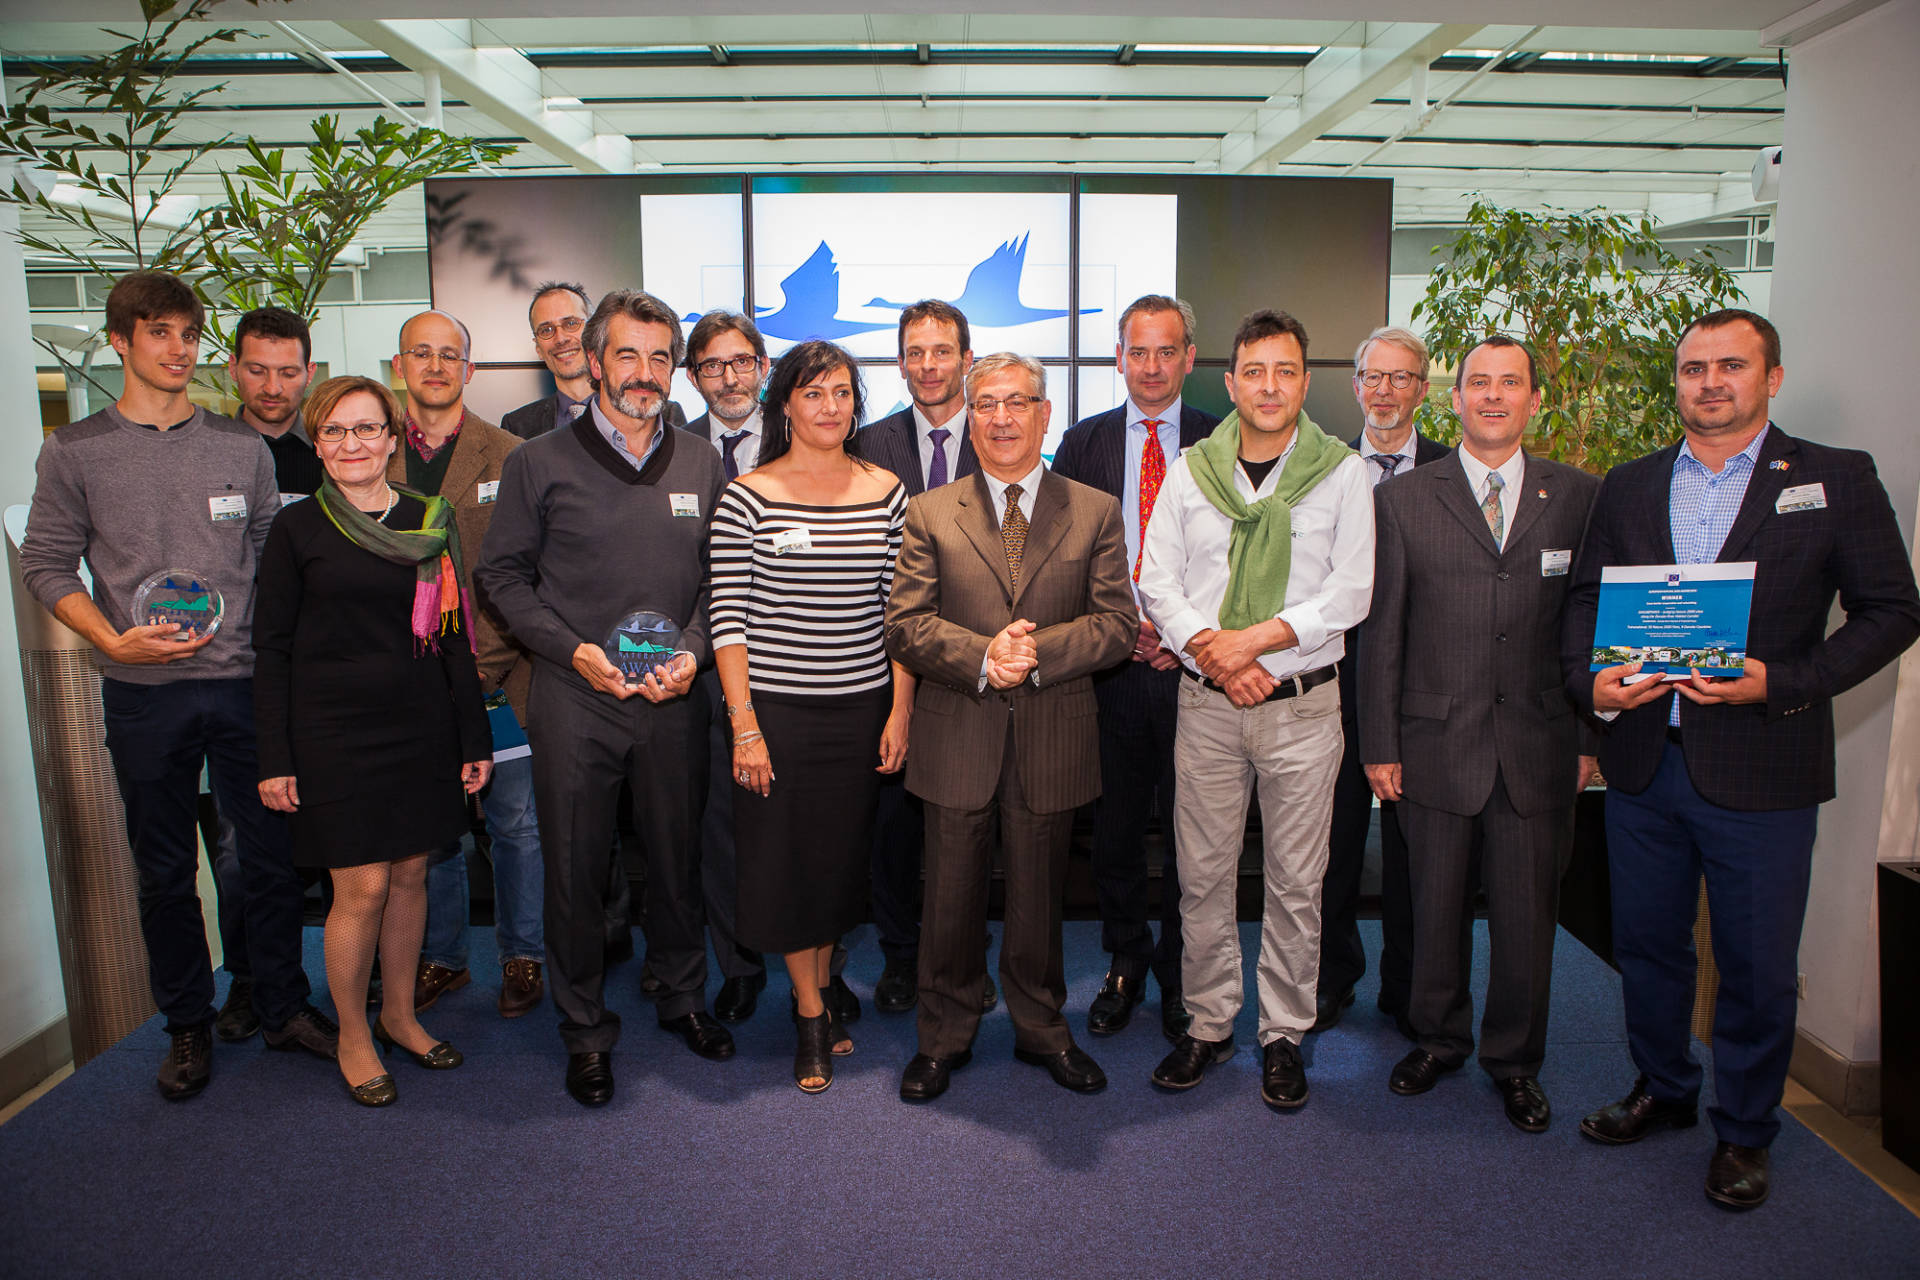 La Fundación Oso Pardo, galardonada con el Premio Natura 2000 de la Comisión Europea